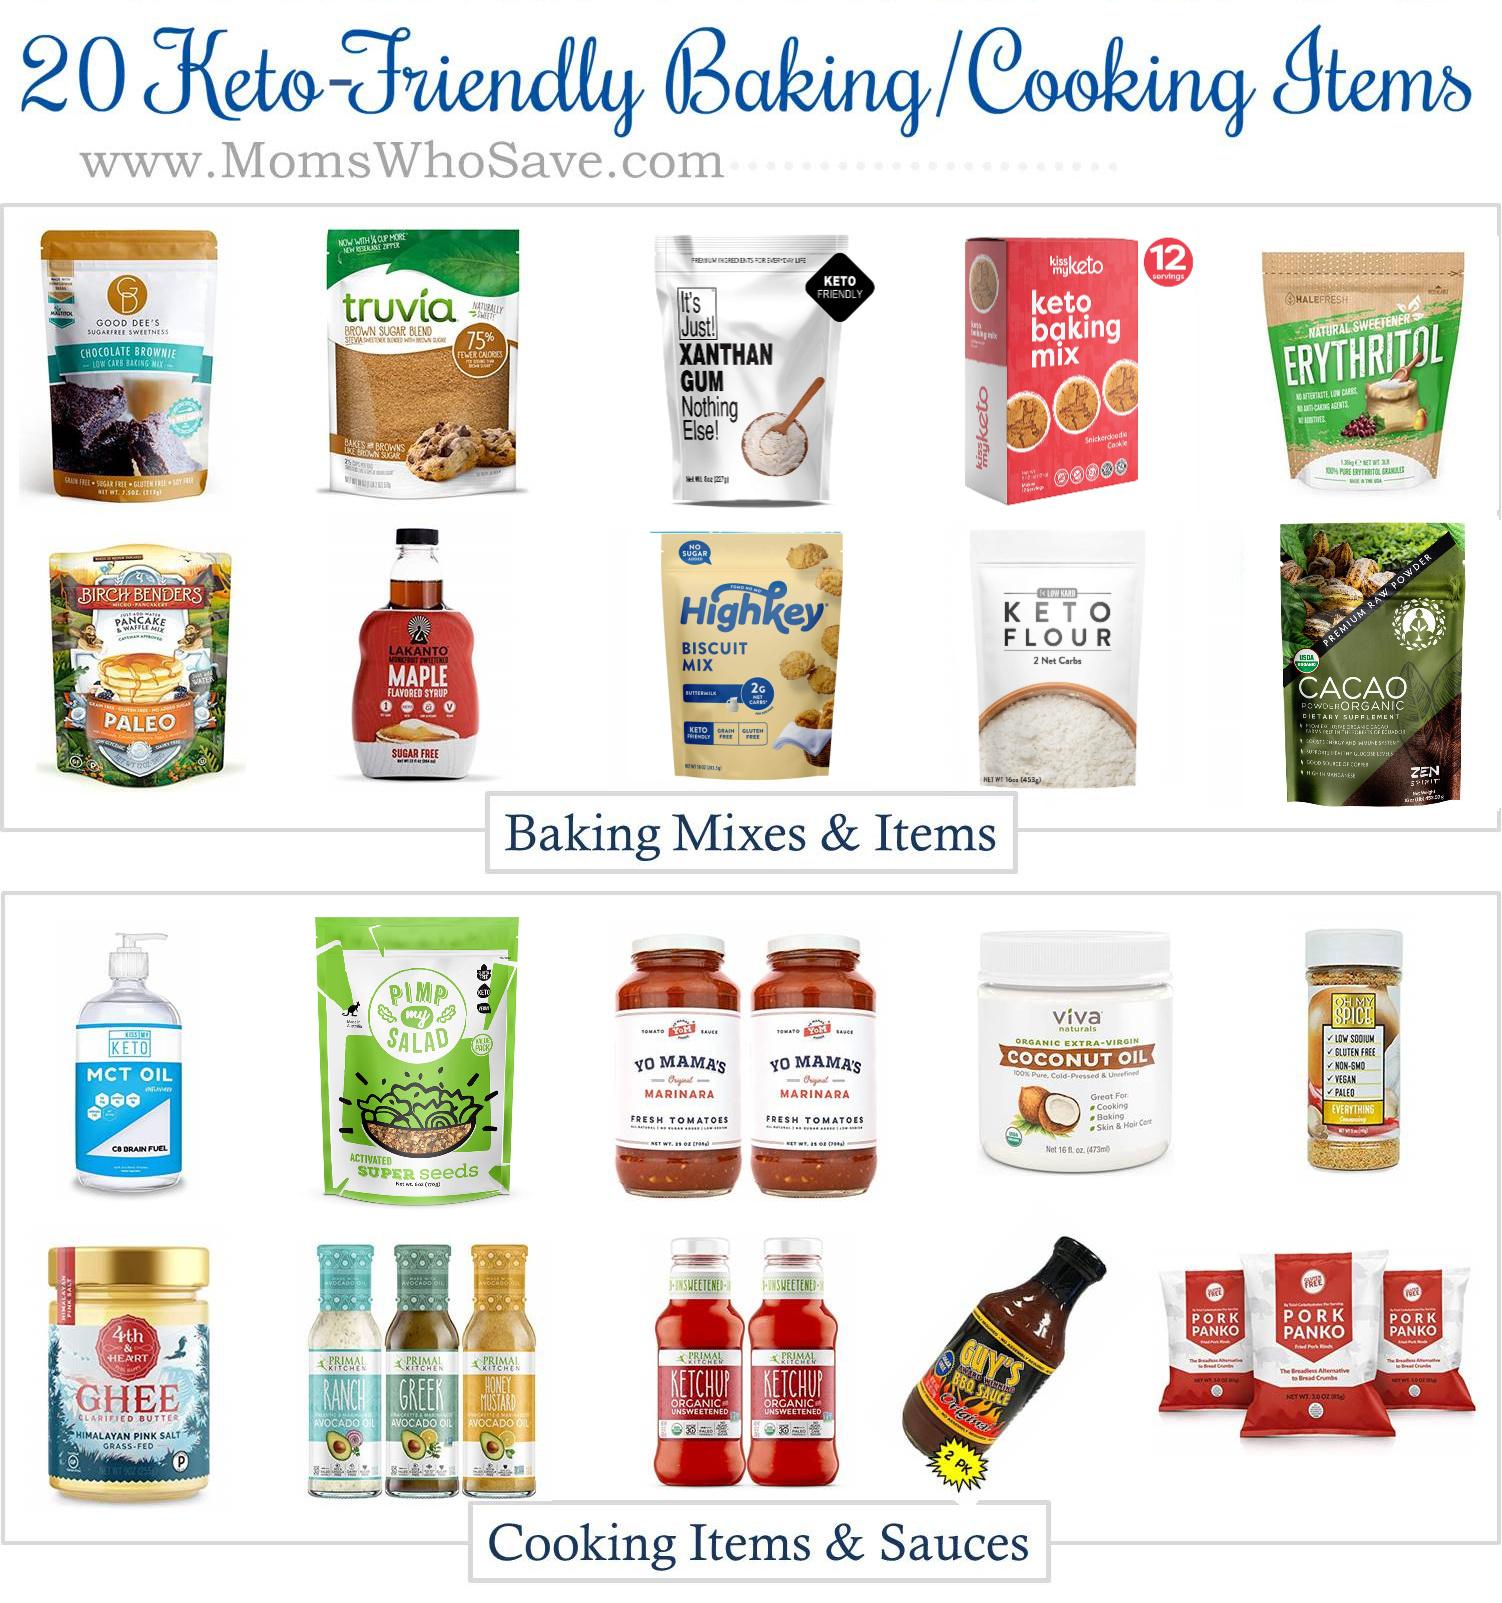 Keto Baking Ingredients